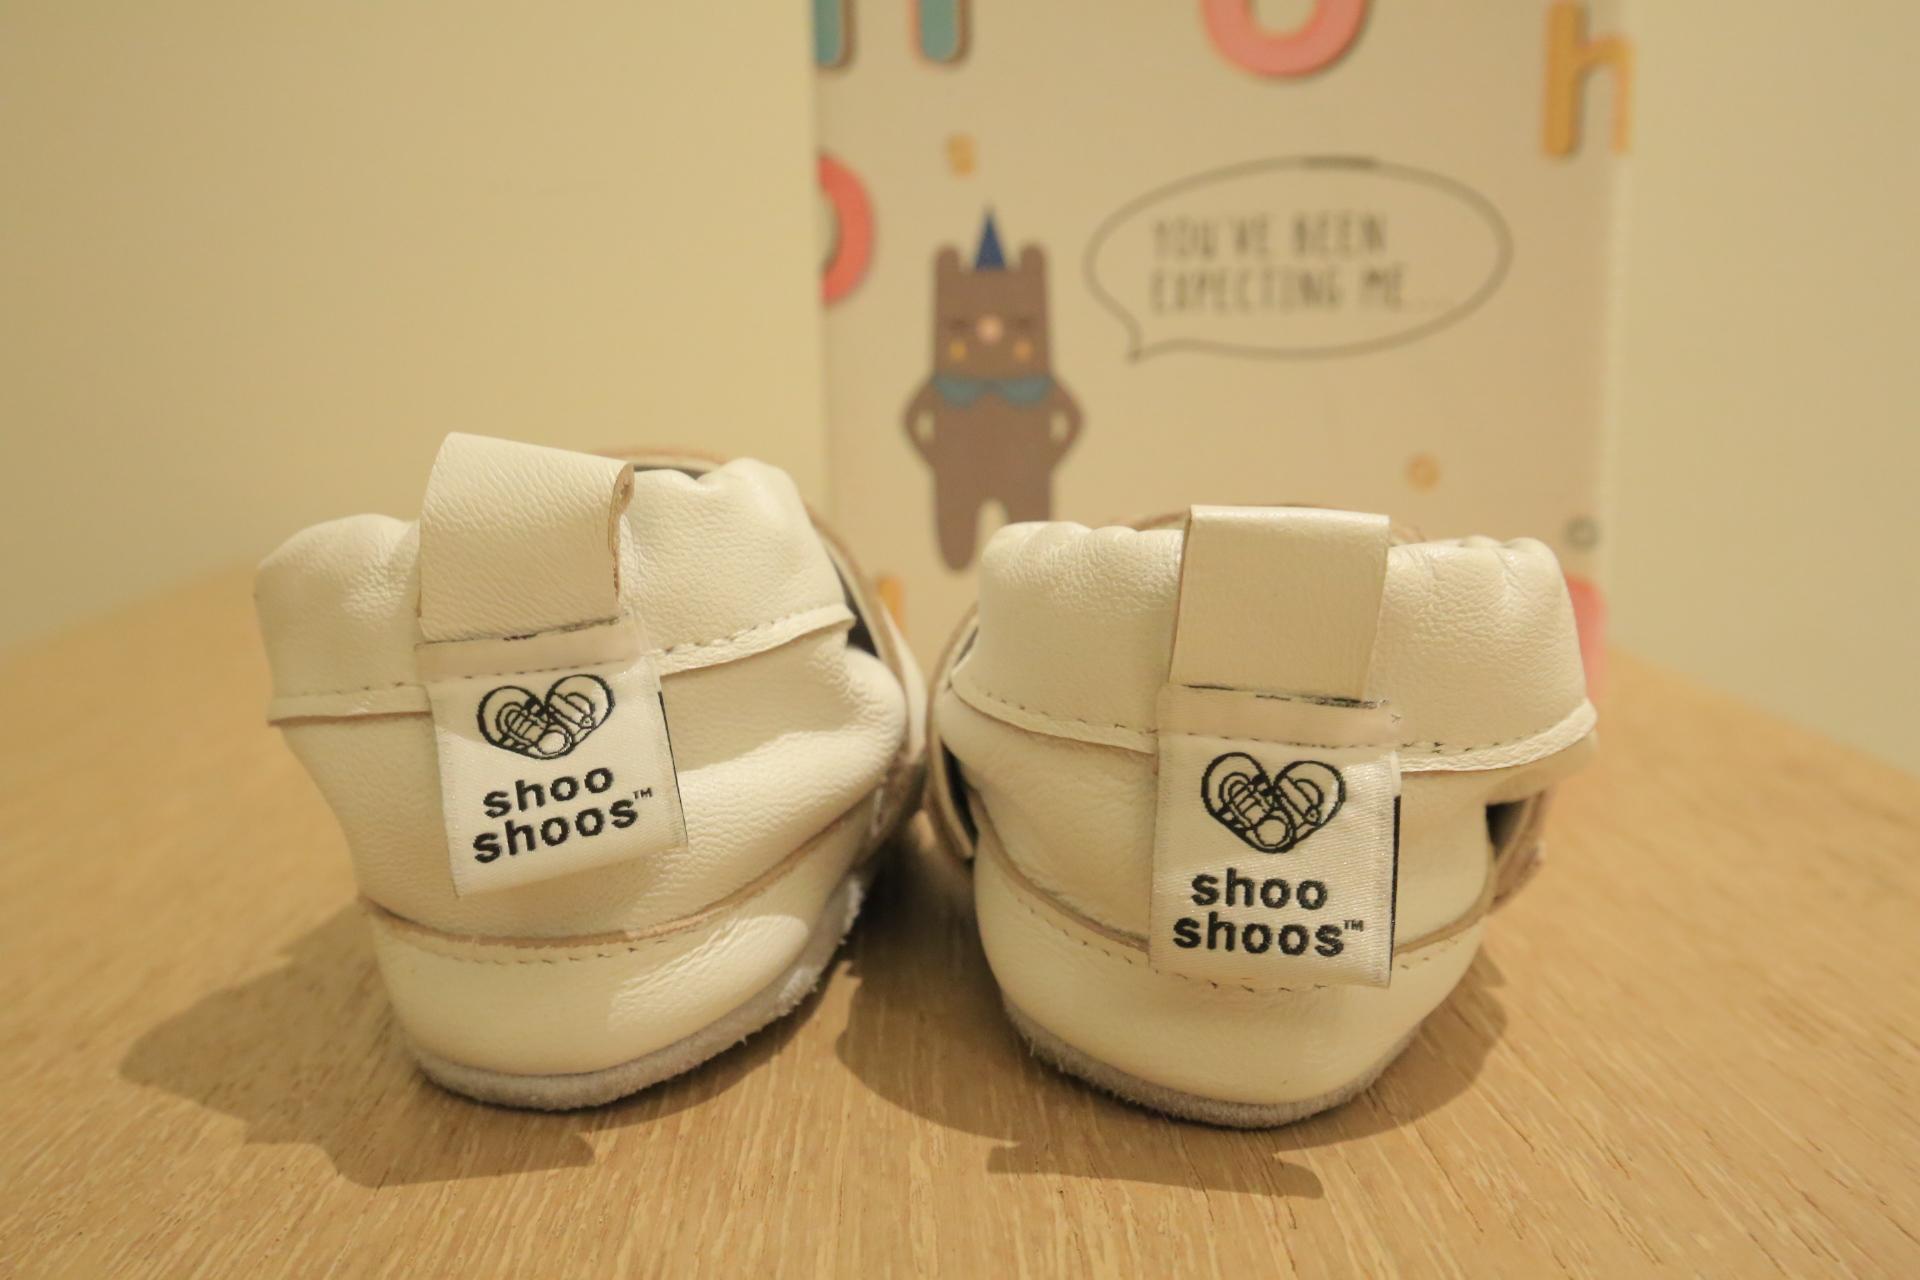 【開團】英國shooshoos學步鞋,我給寶寶的第一雙鞋,讓寶寶如赤腳般學走路的學步鞋 @小環妞 幸福足跡